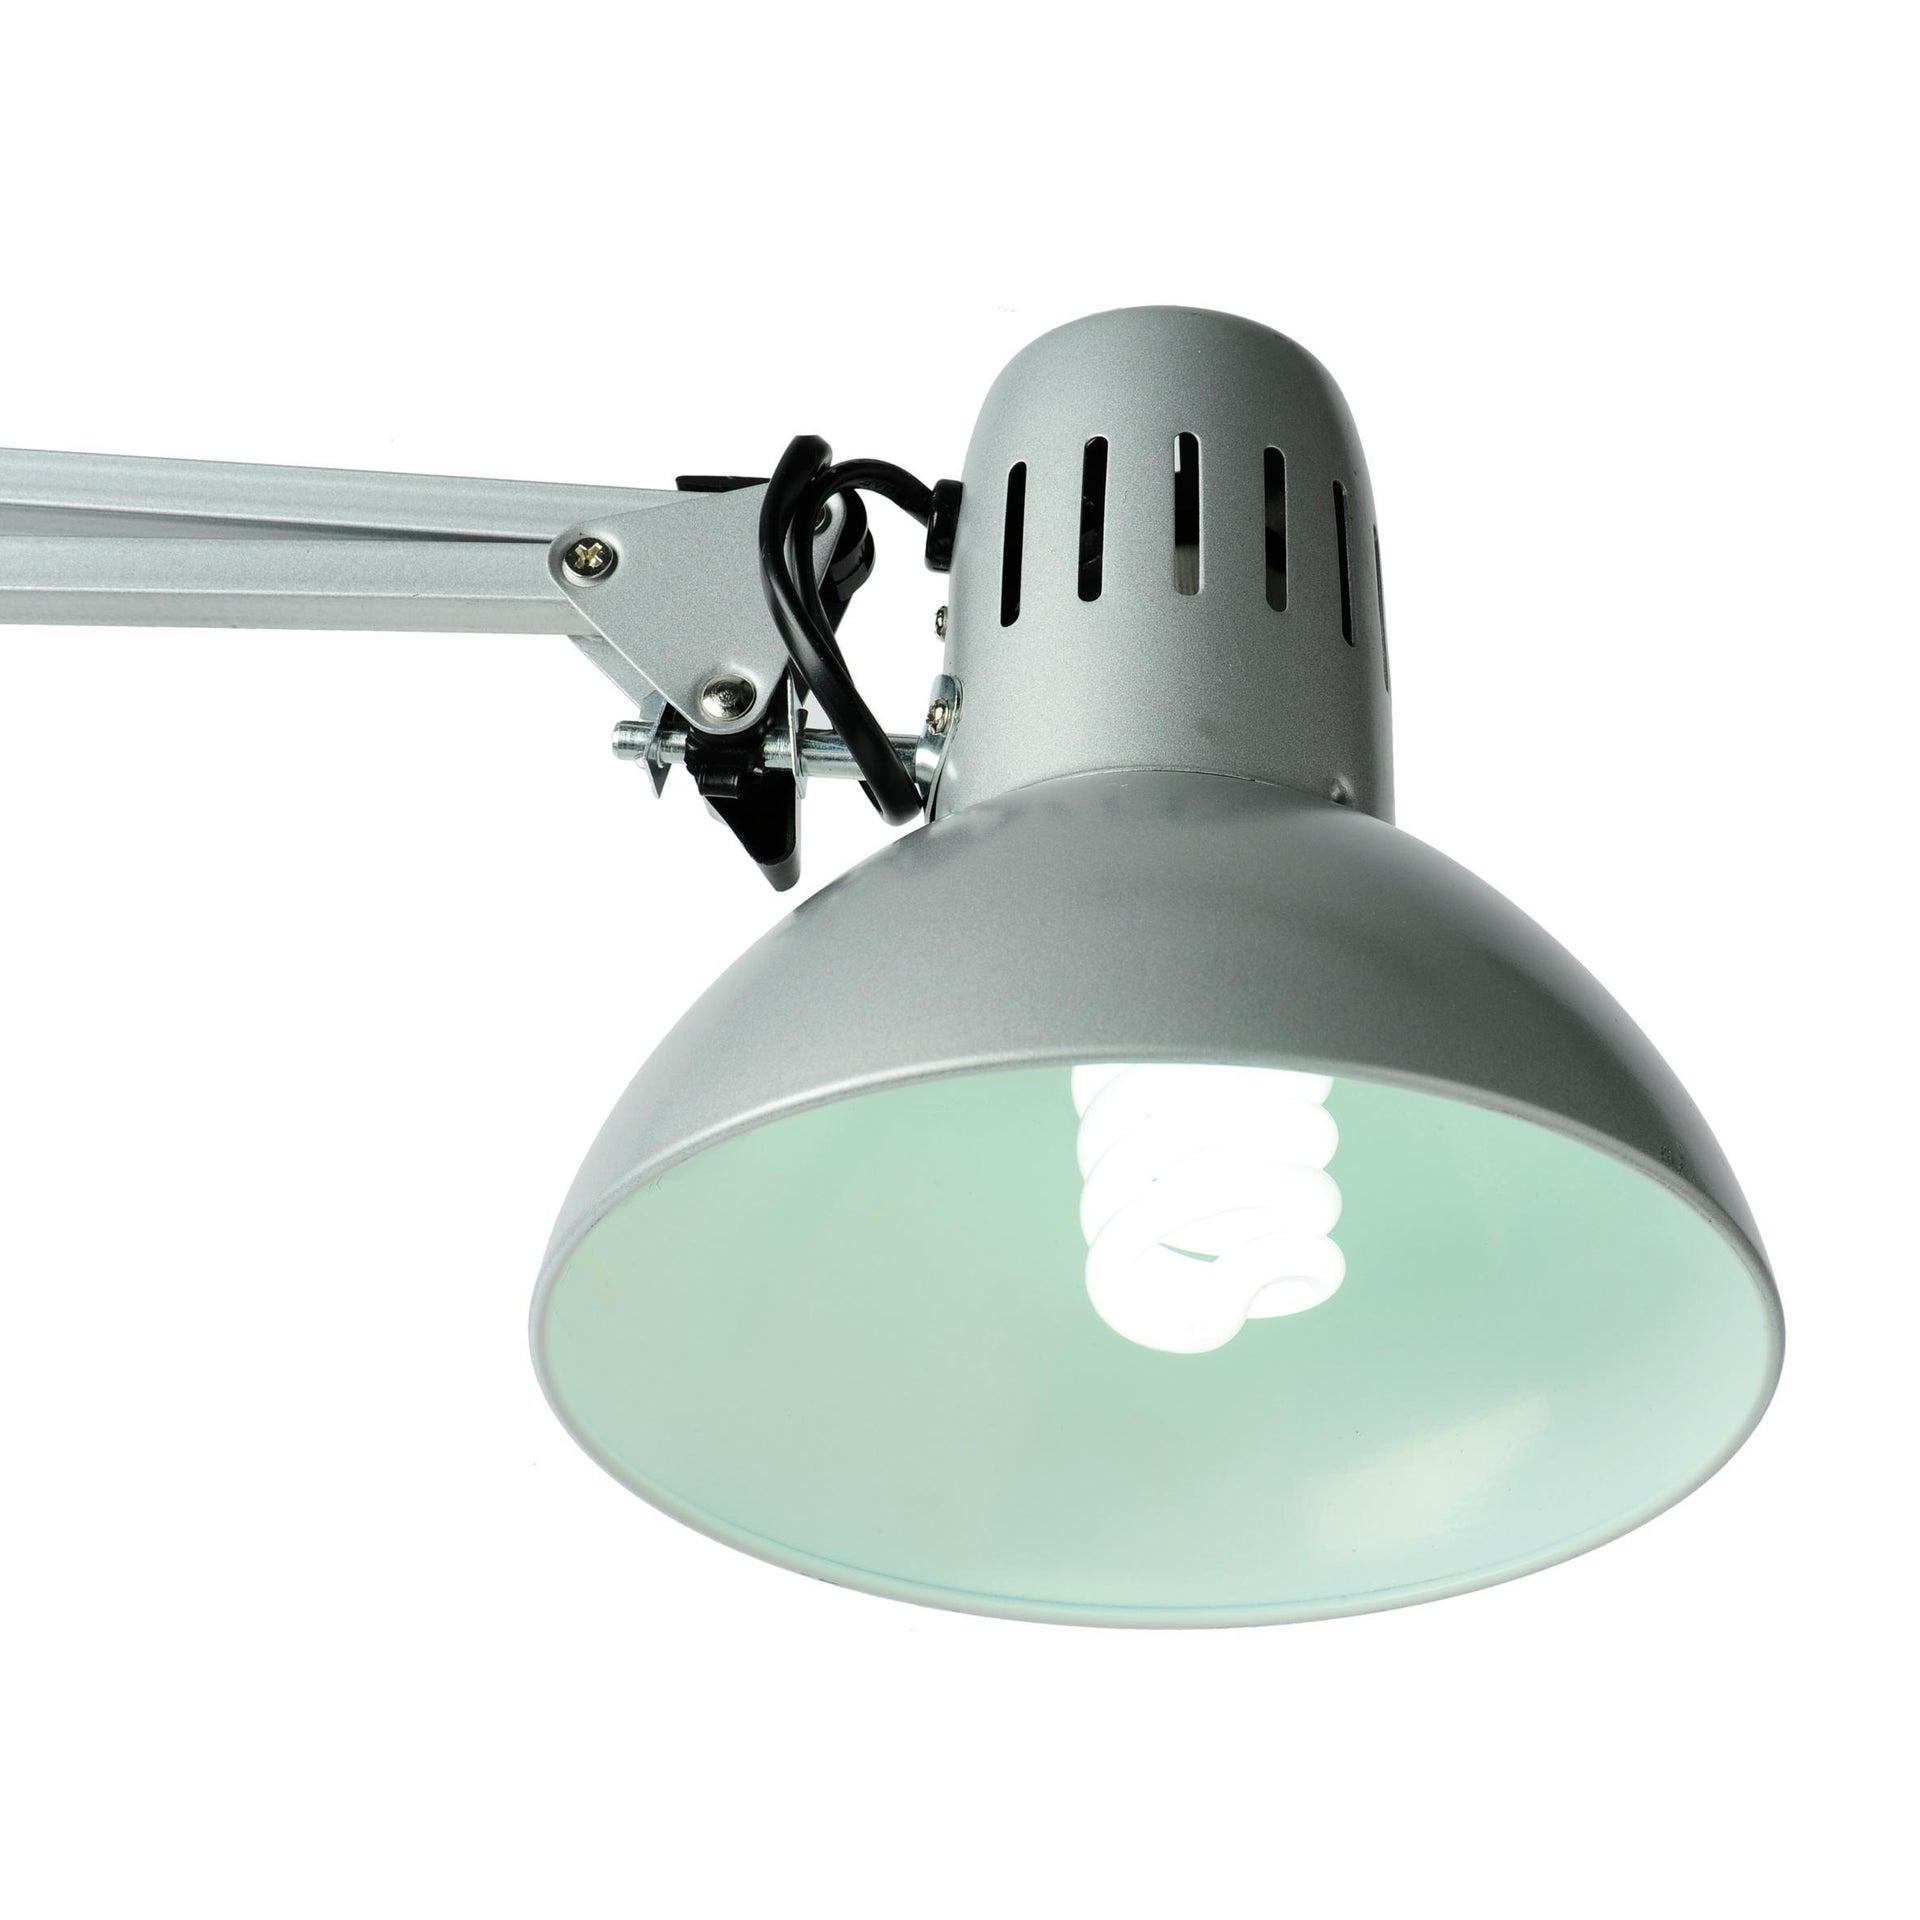 Lampada da scrivania Industriale Arquitecto grigio , in metallo, INSPIRE - 4